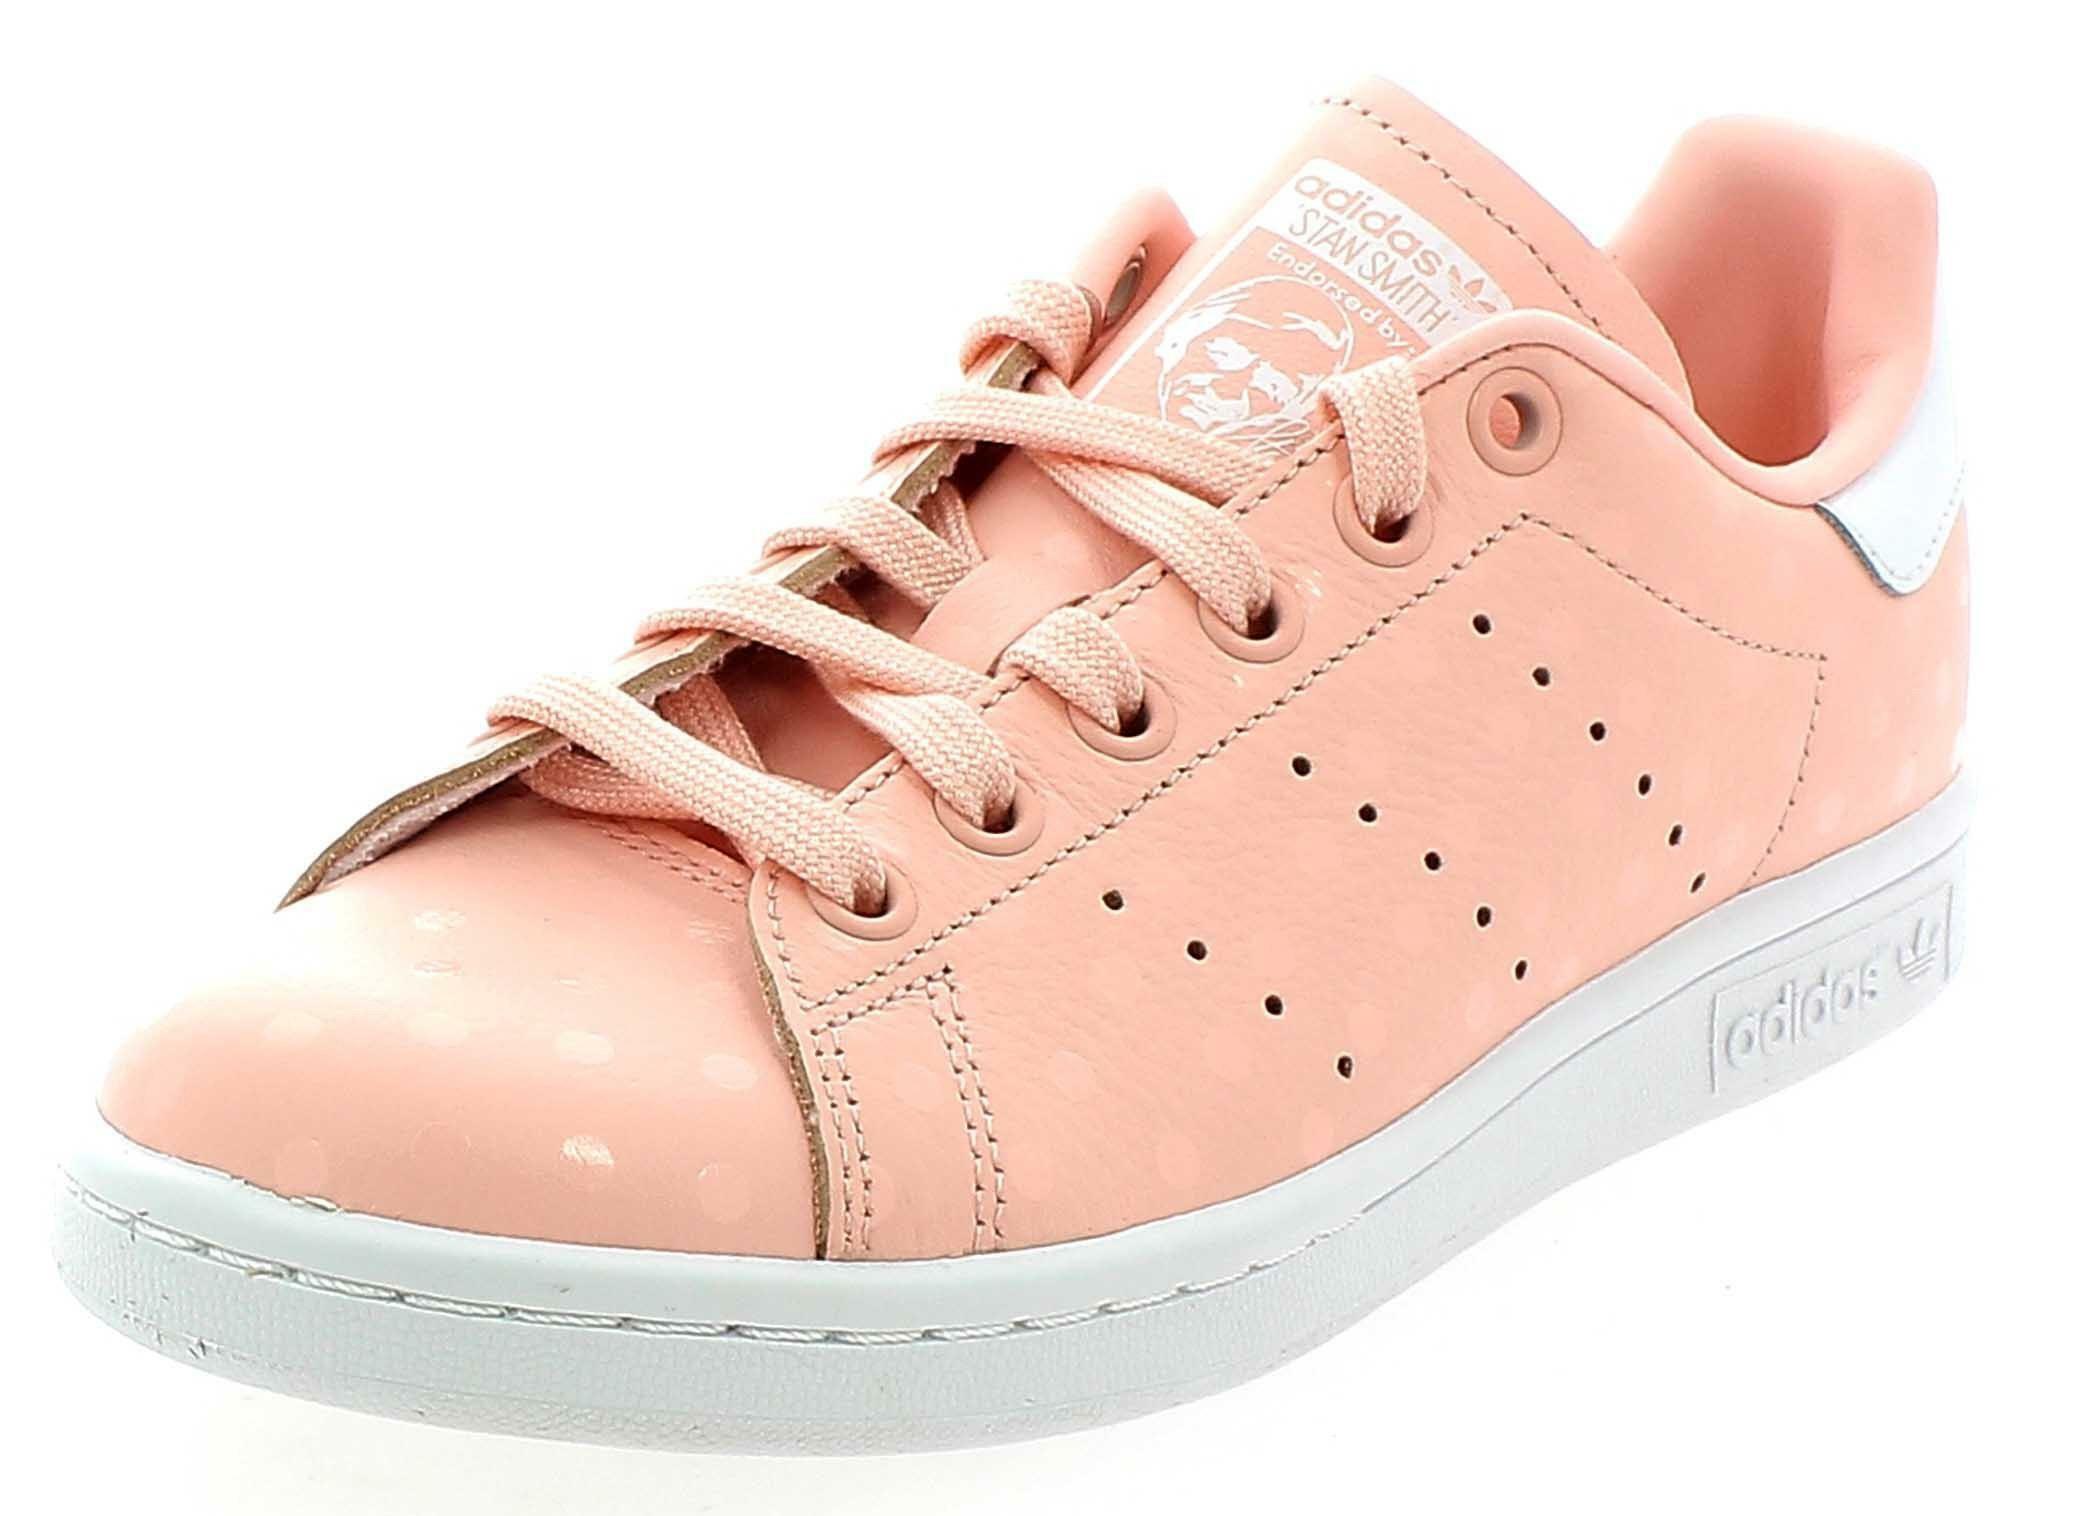 adidas donna scarpe fantasia